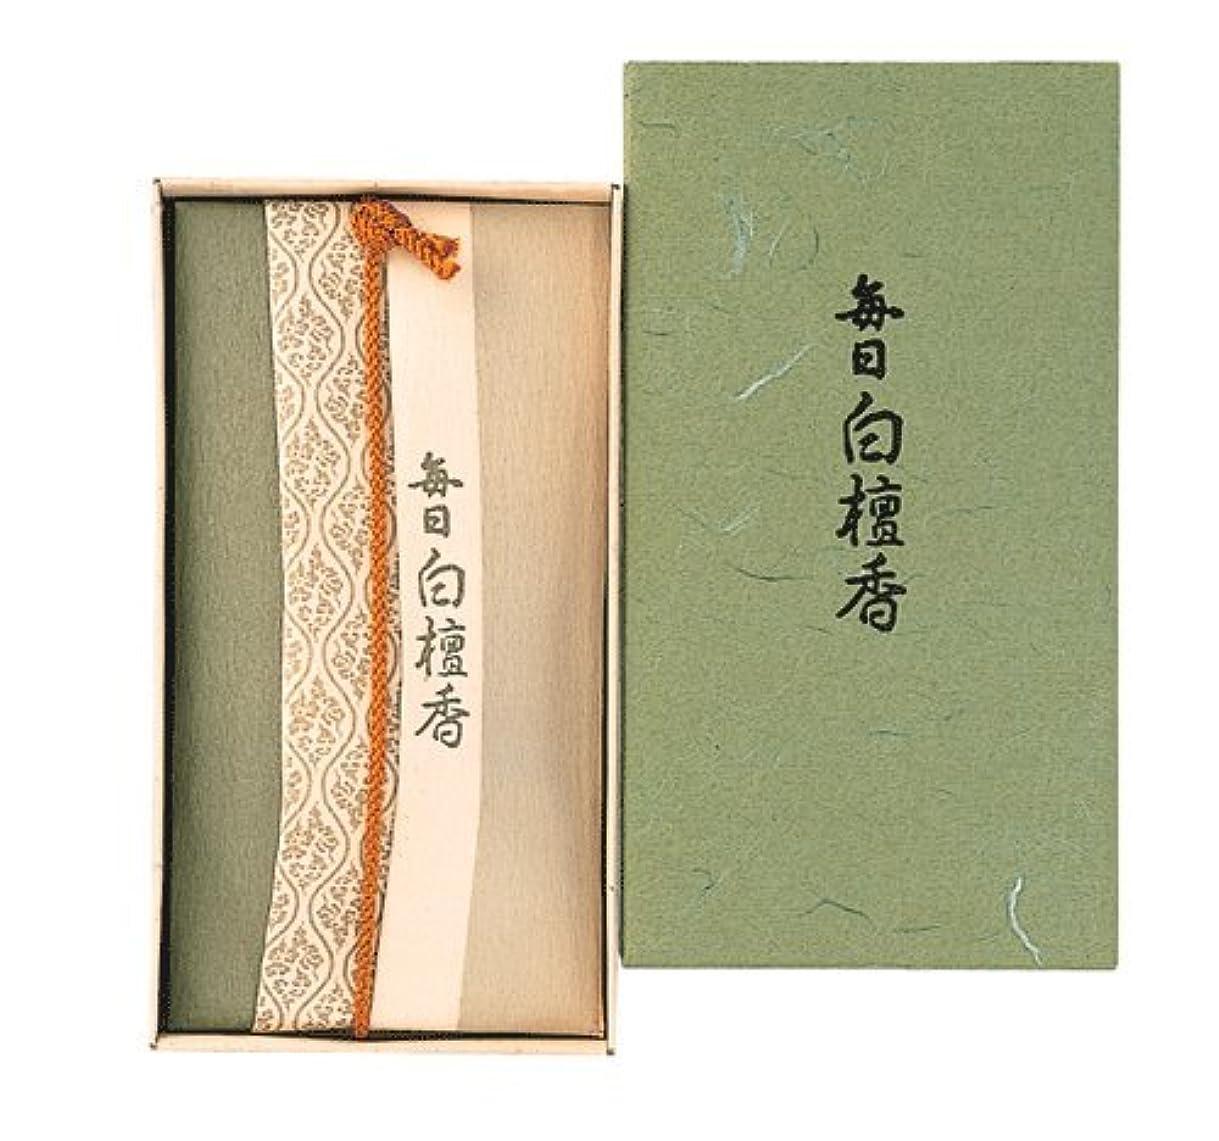 中止しますアレイアーティキュレーション香木の香りのお香 毎日白檀香 コーン24個入【お香】